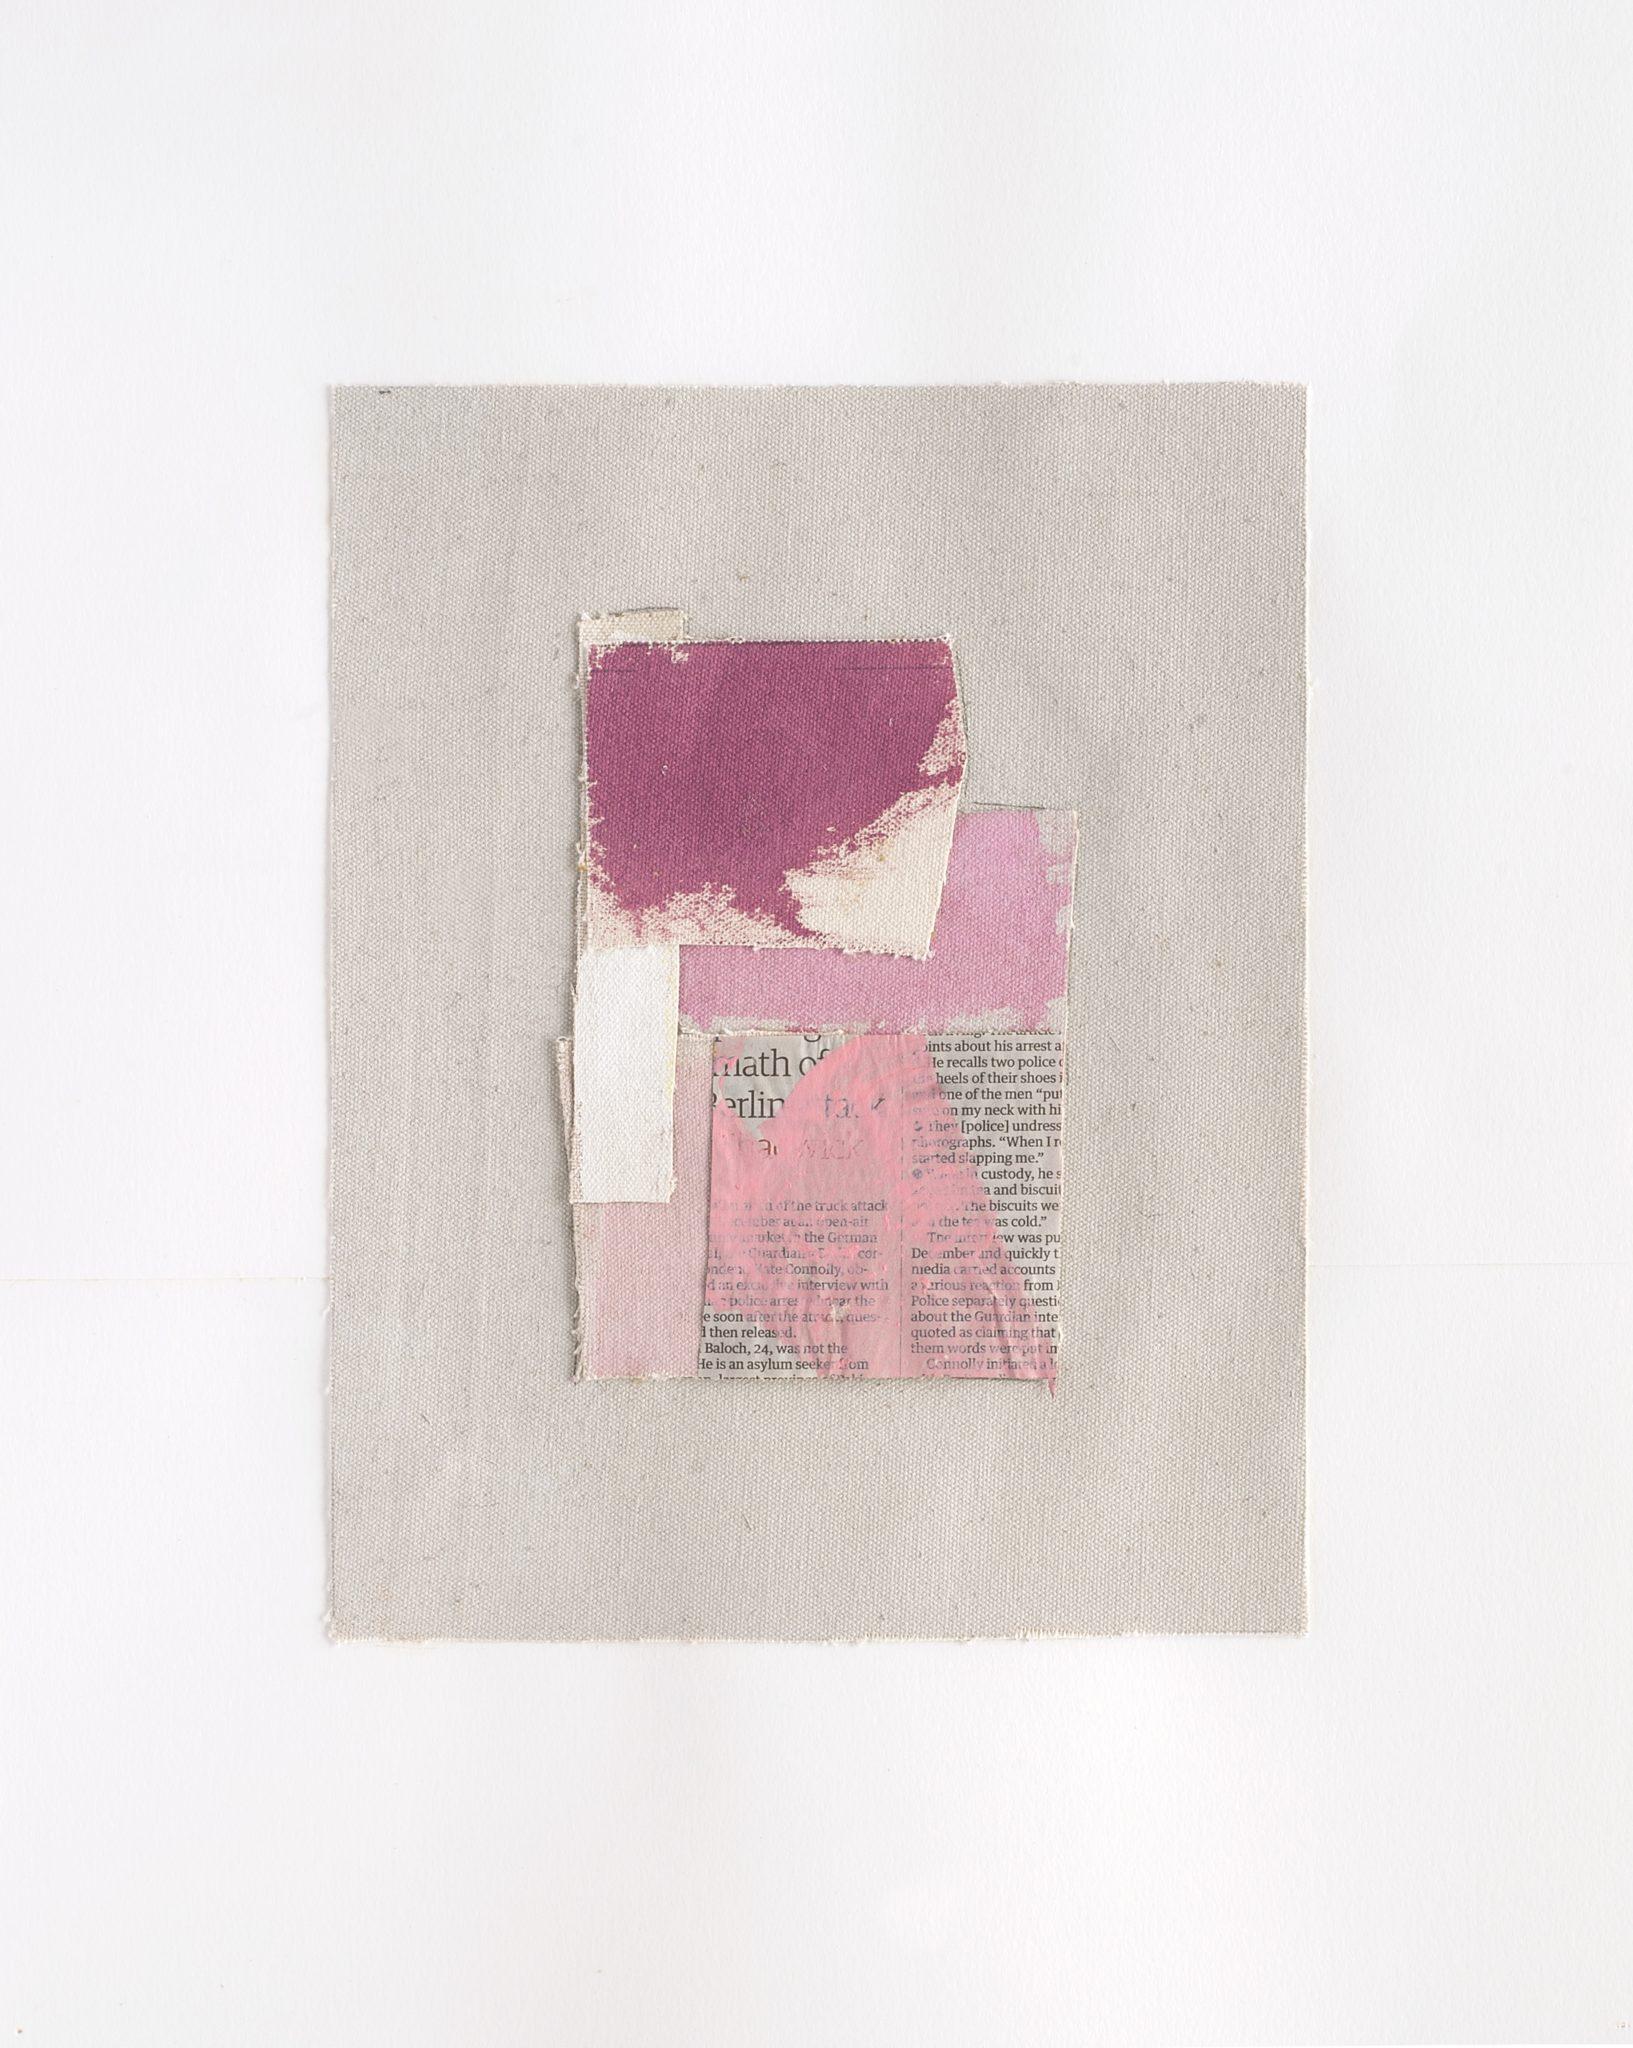 Peter Joseph Study 2017 Acrylique sur toiles et papier journal 43,5 x 33 cm_7226